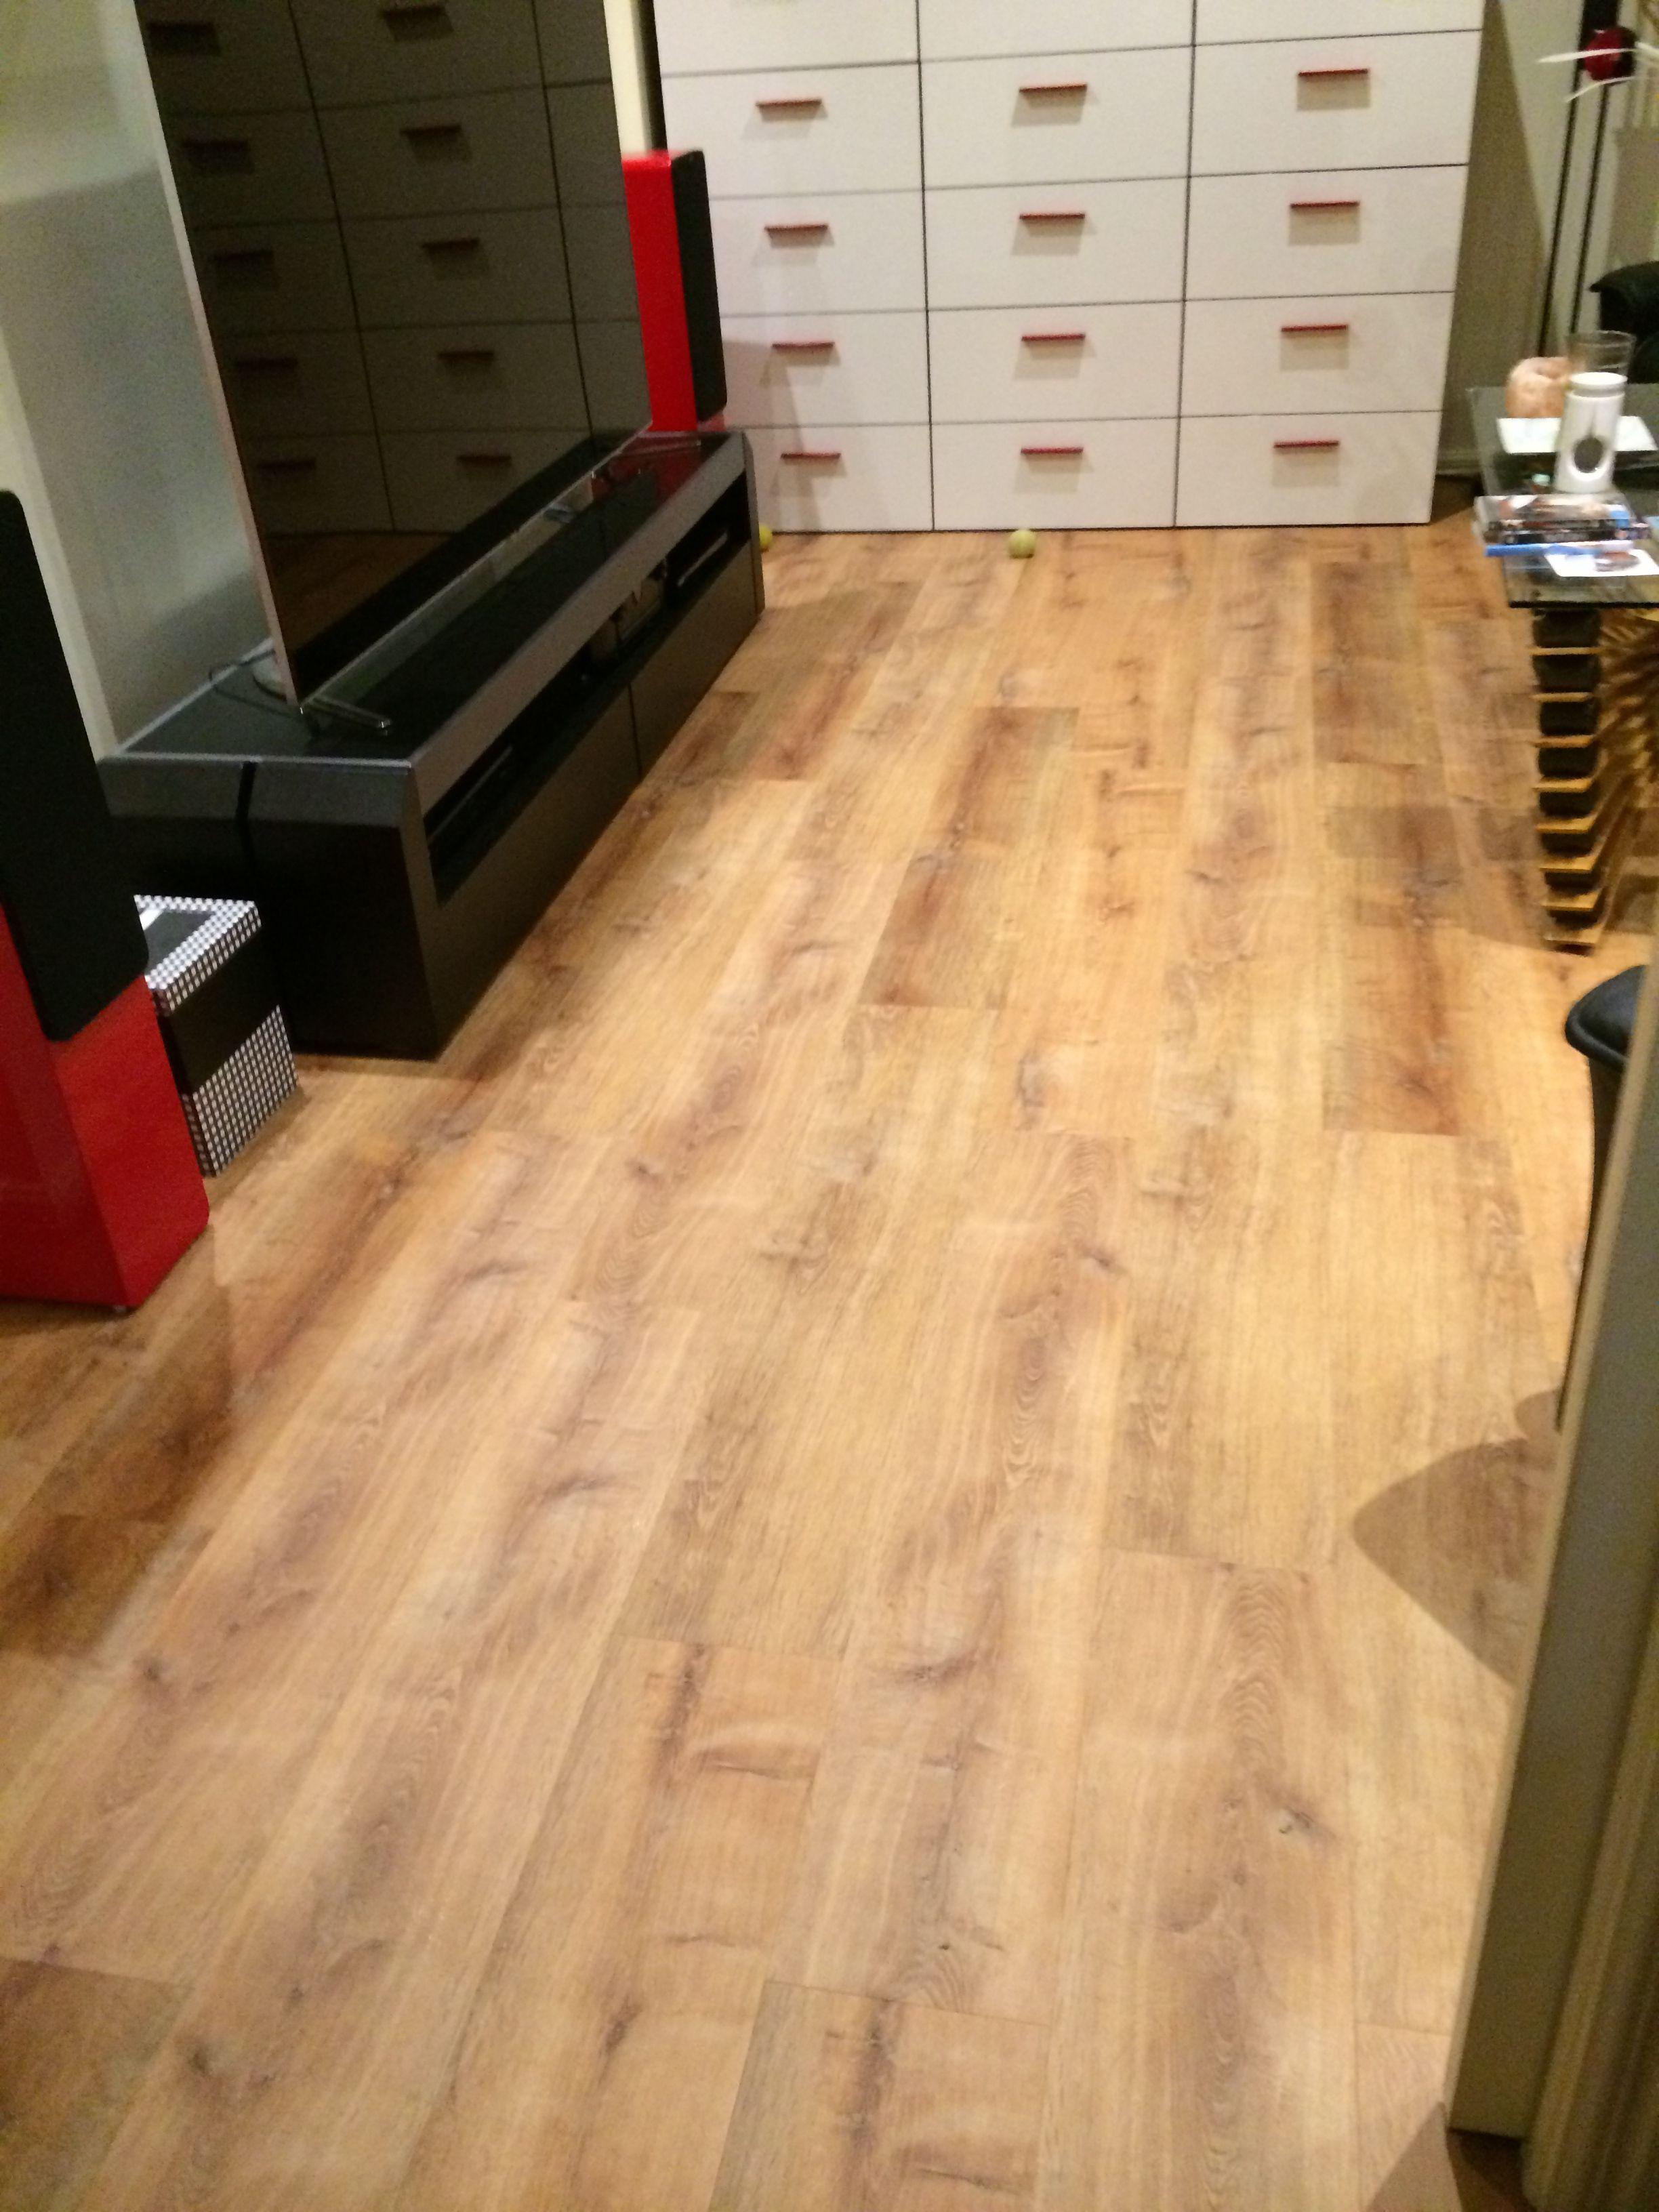 Allure locking 220 gen 3 vinyl plank flooring golden oak natural allure locking 220 gen 3 vinyl plank flooring golden oak natural dailygadgetfo Gallery